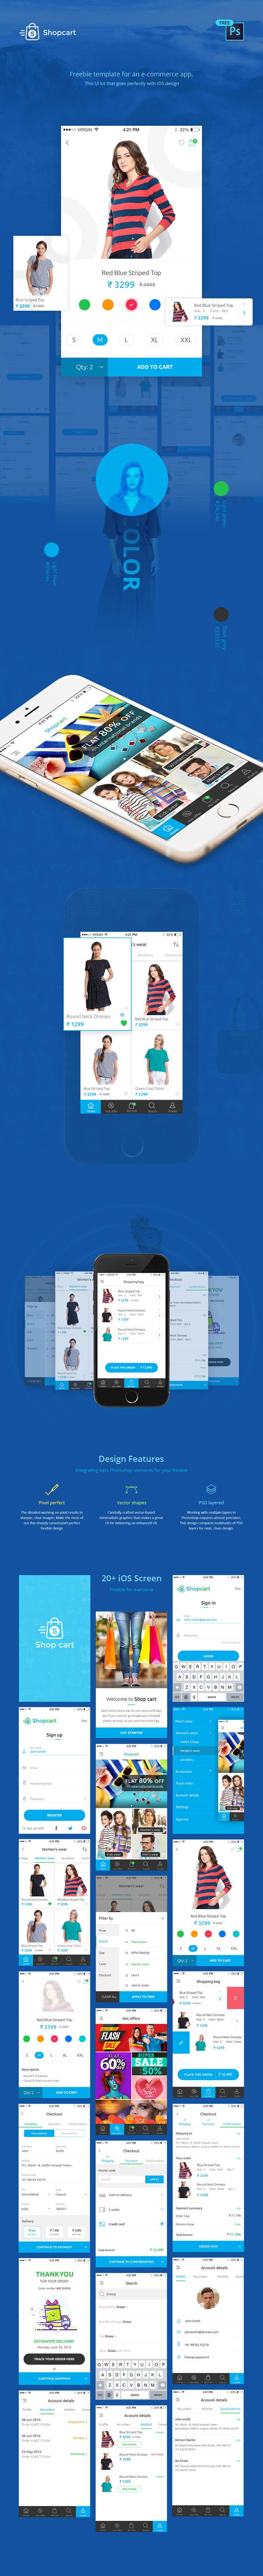 Free Mobile Ecommerce UI Kit PSD